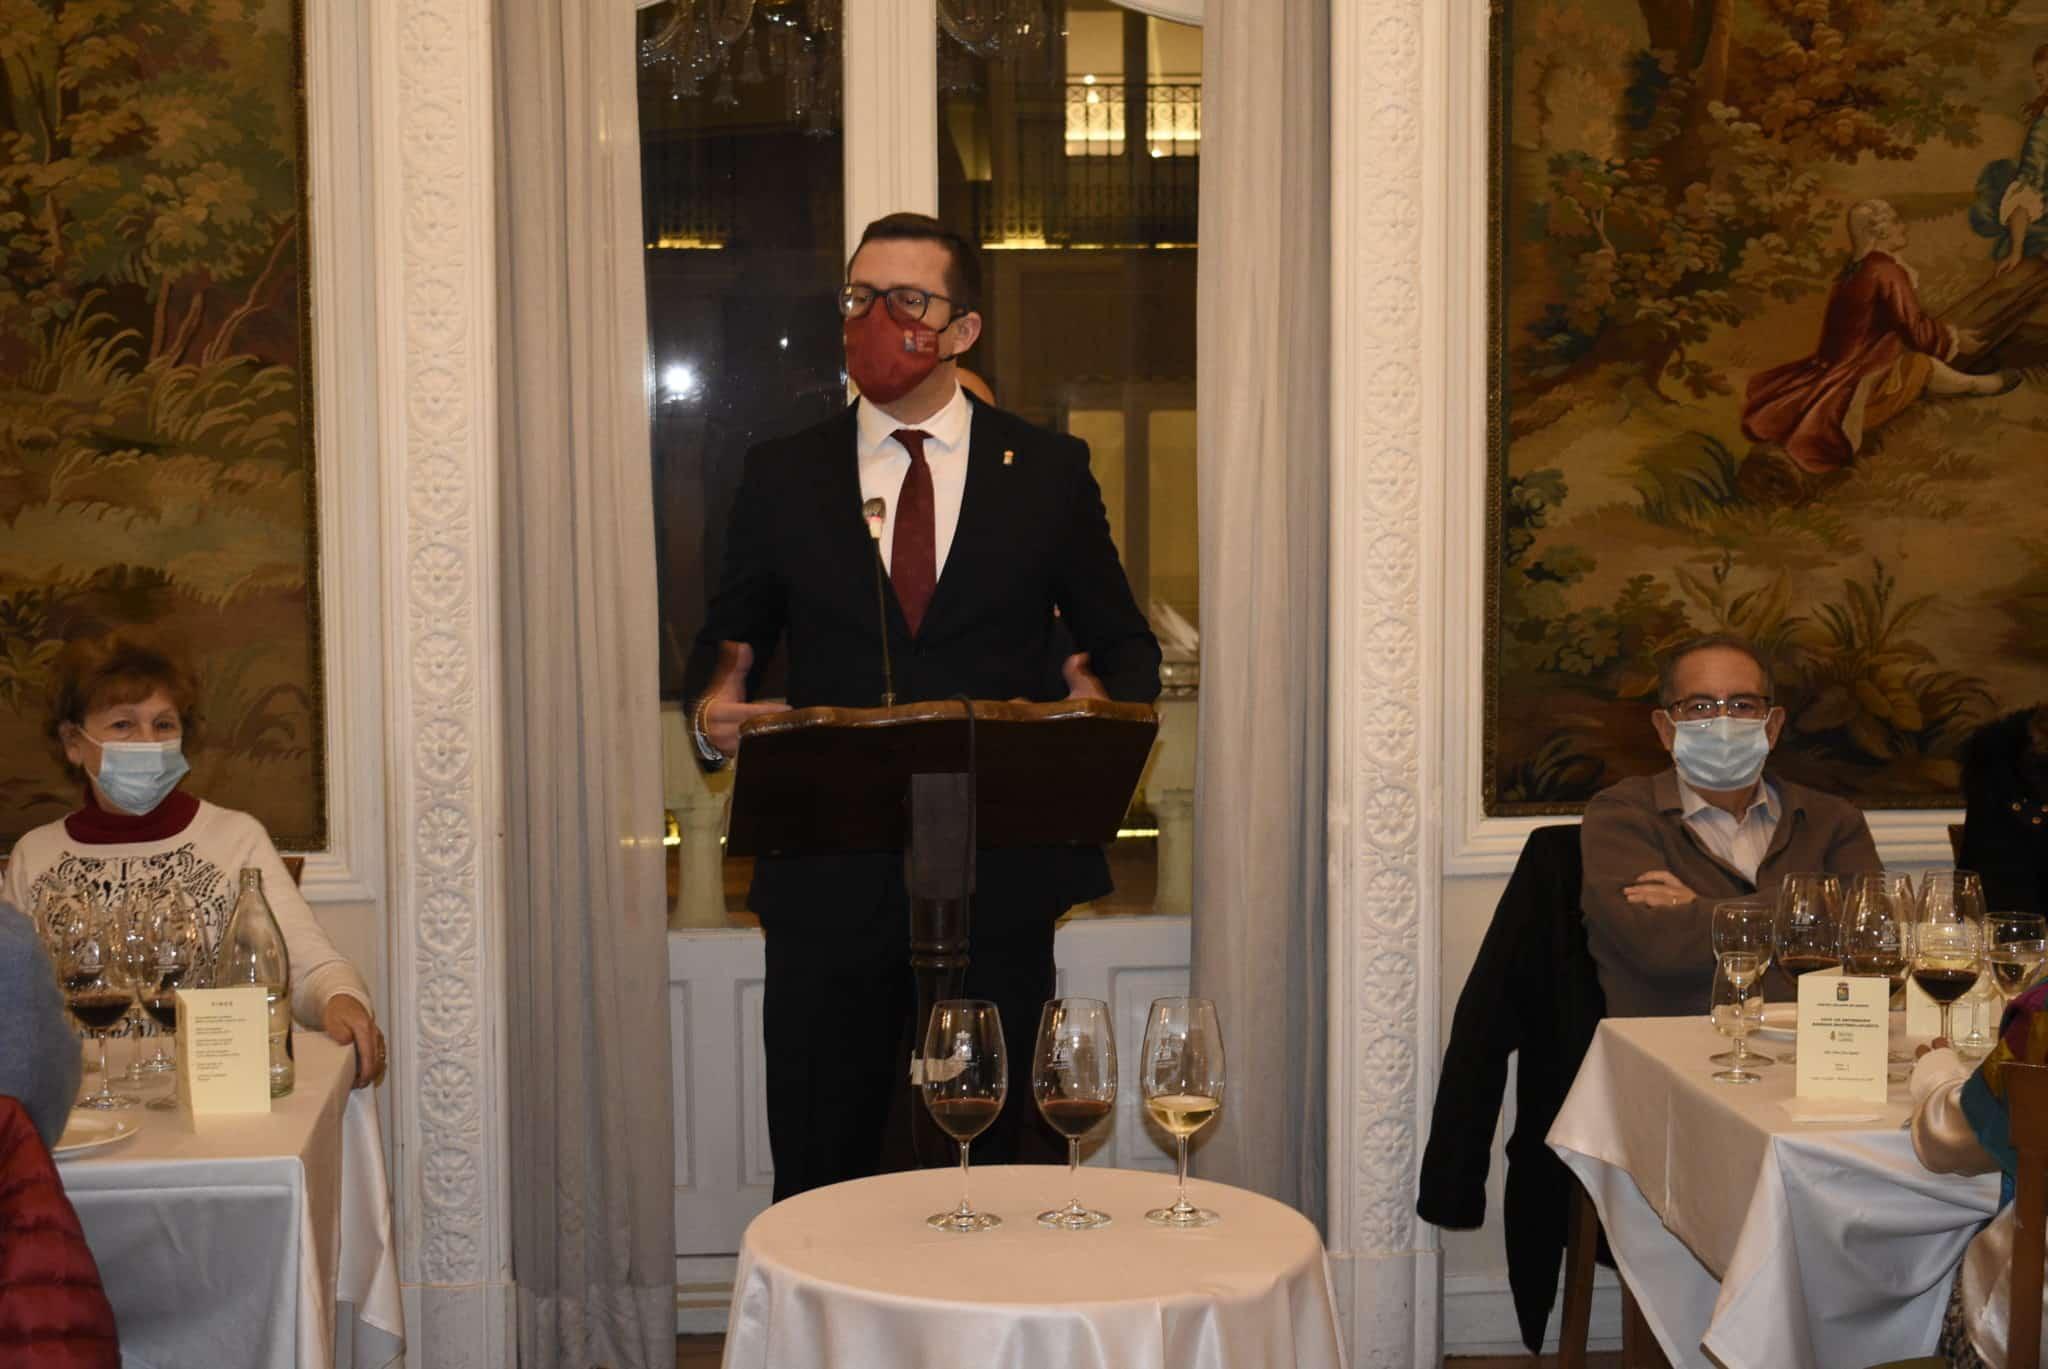 El Centro Riojano de Madrid celebra el 125 aniversario de Martínez-Lacuesta 2